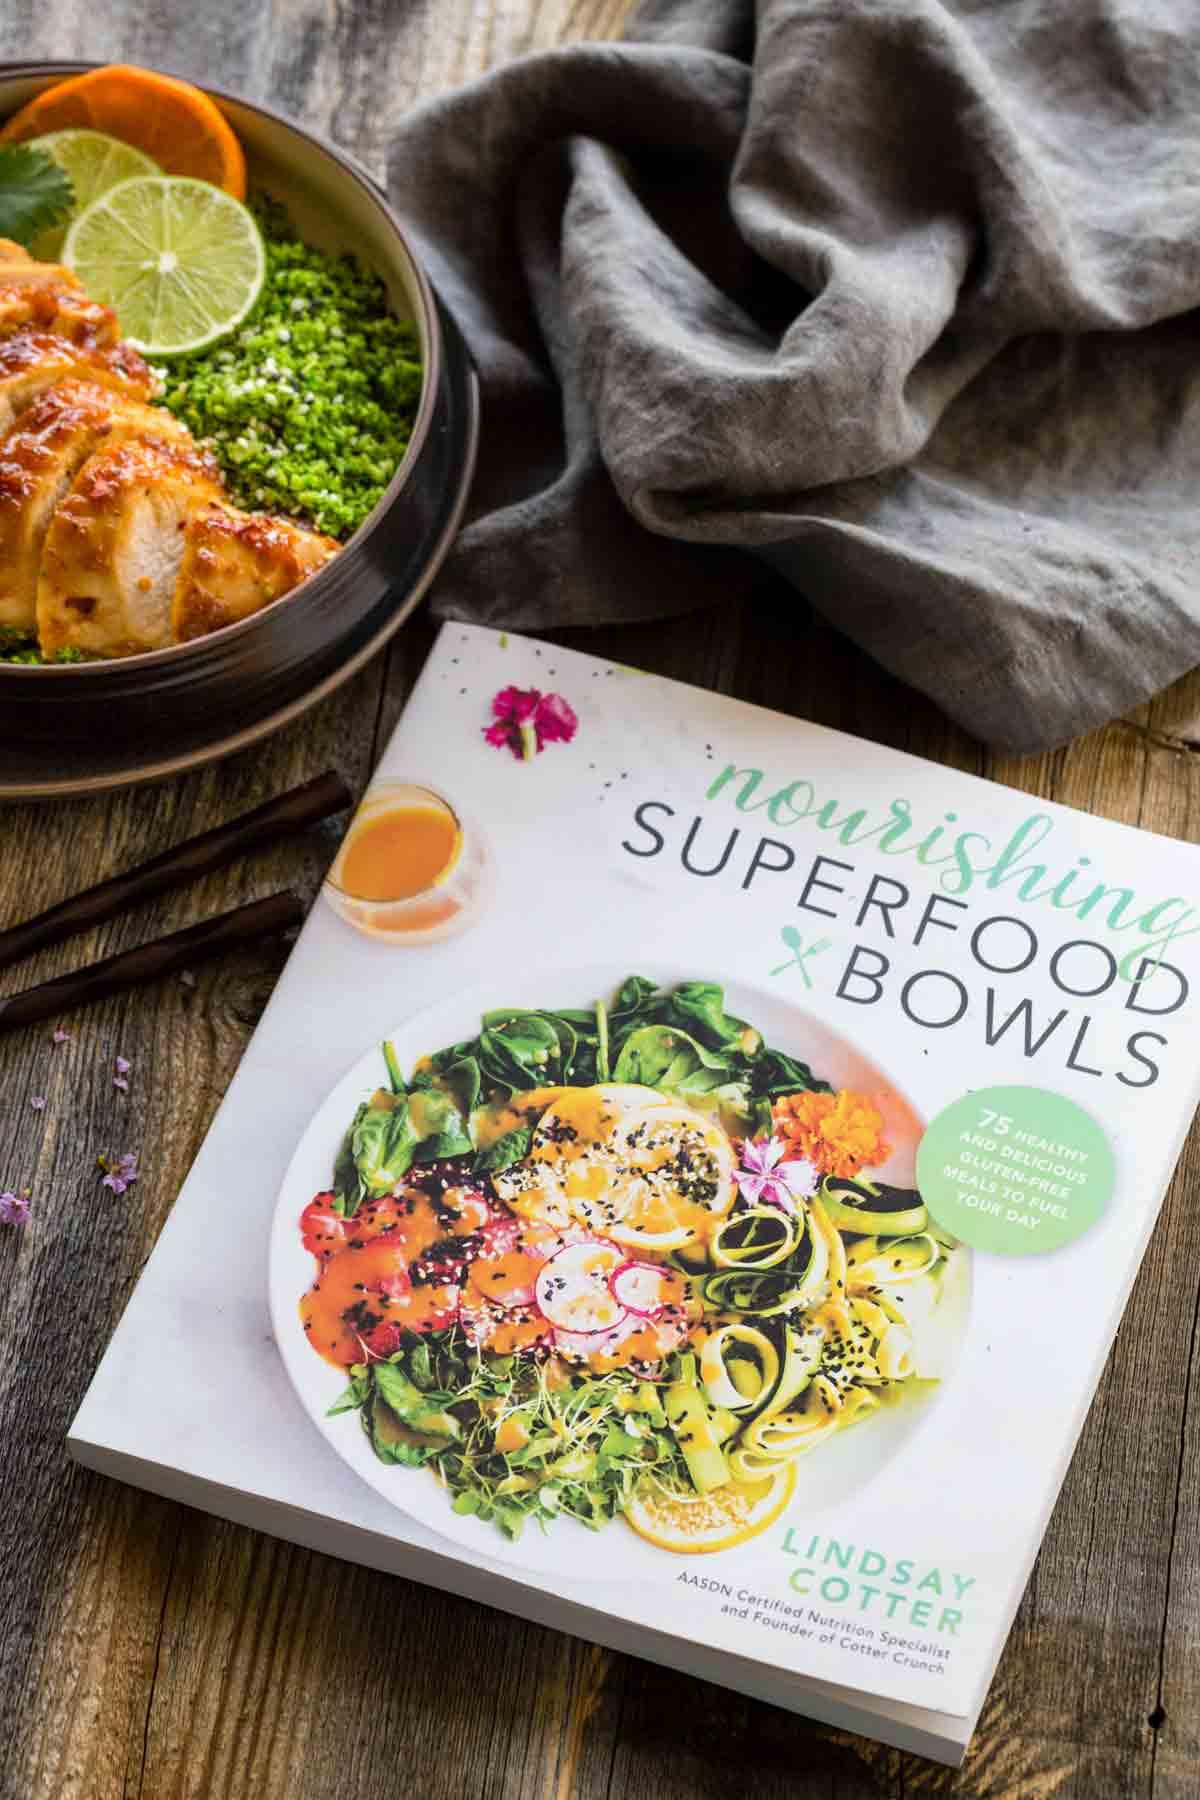 Nourishing Superfood Bowls cookbook by Lindsay Cotter